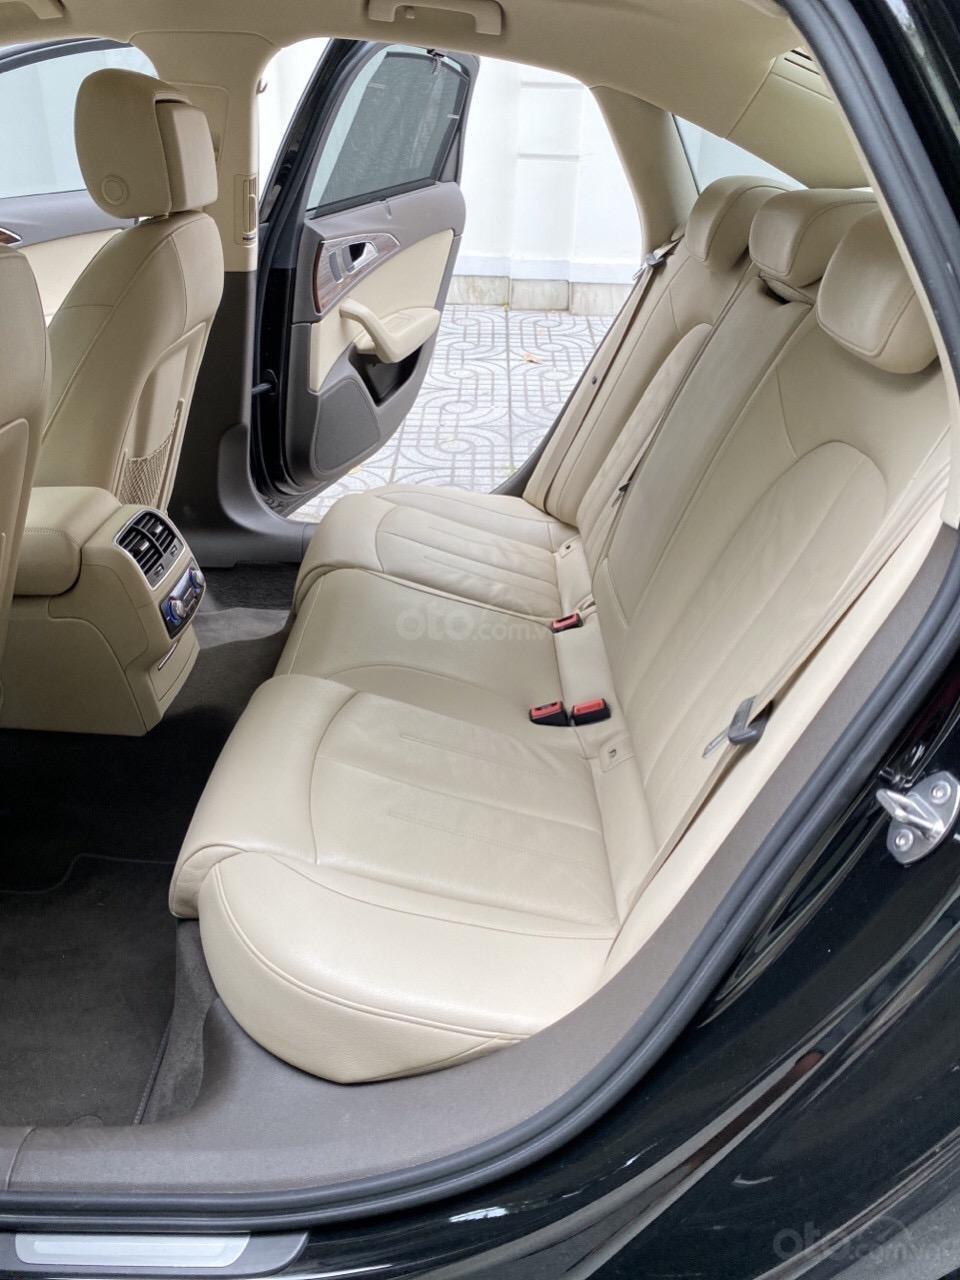 Bán Audi A6 2015 đăng ký 2017 màu đen nội thất kem  xe đẹp, không lỗi bao check tại hãng (6)